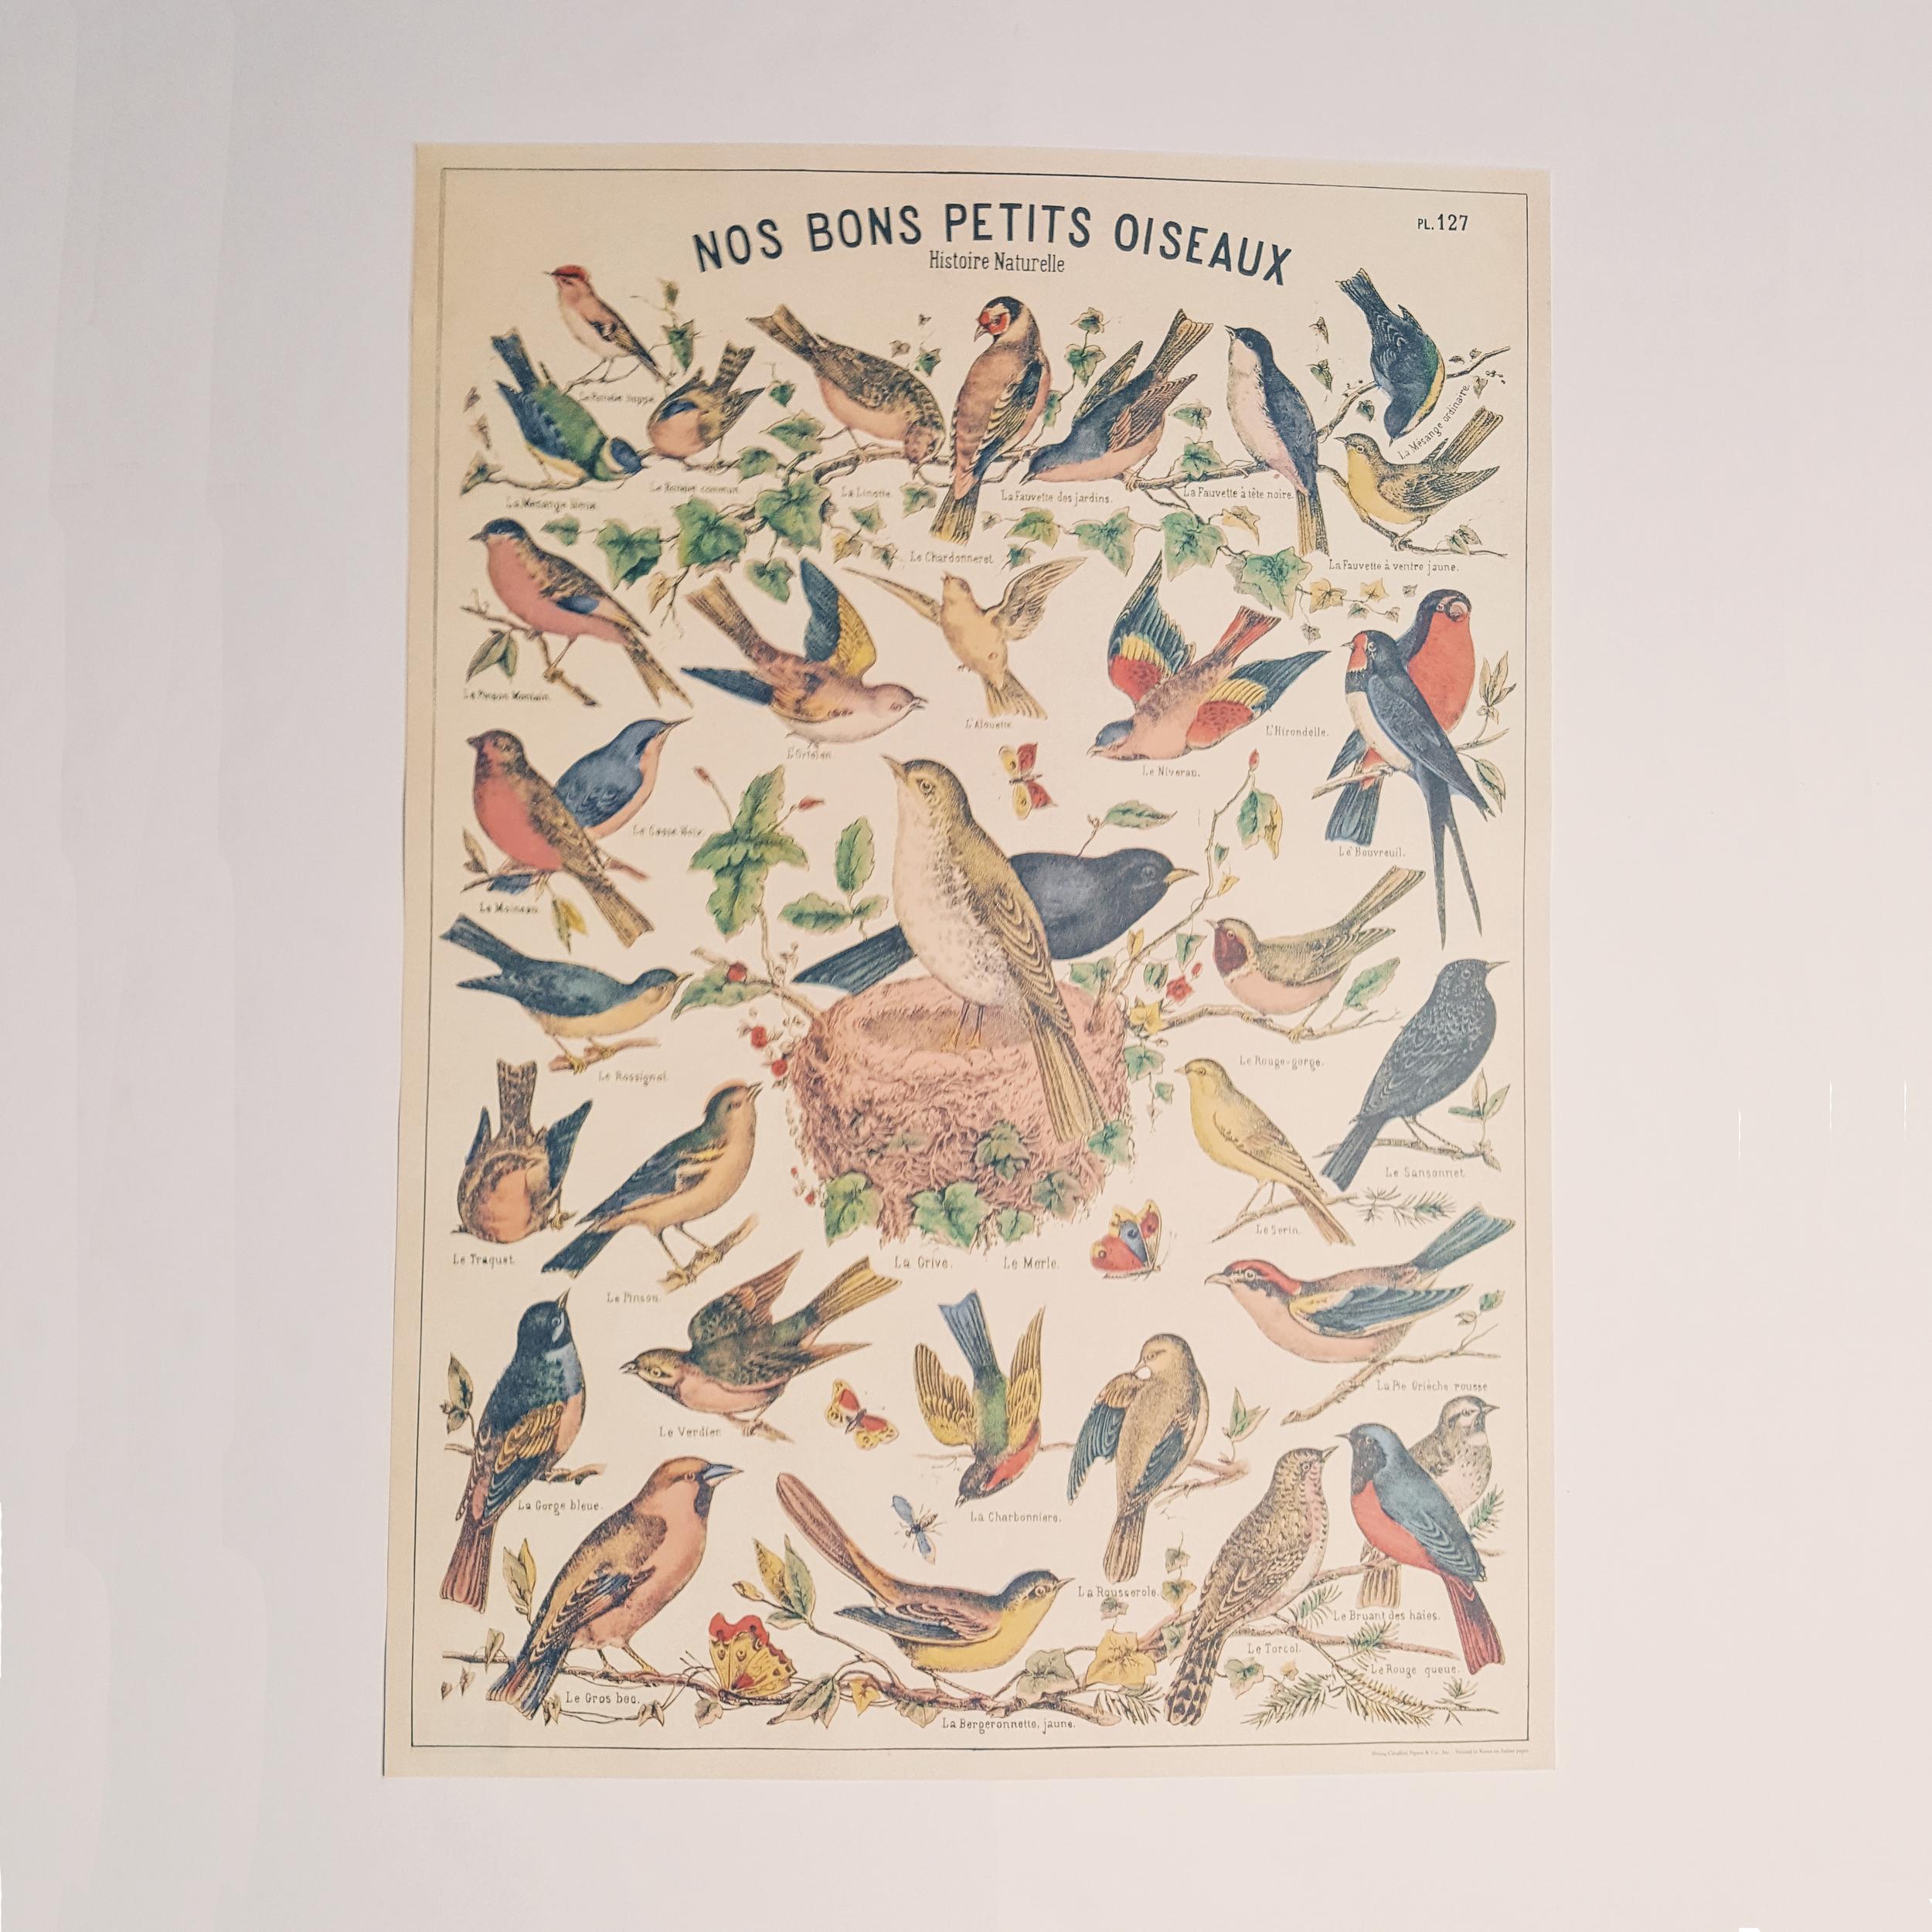 Affiche vintage nos bons petits oiseaux